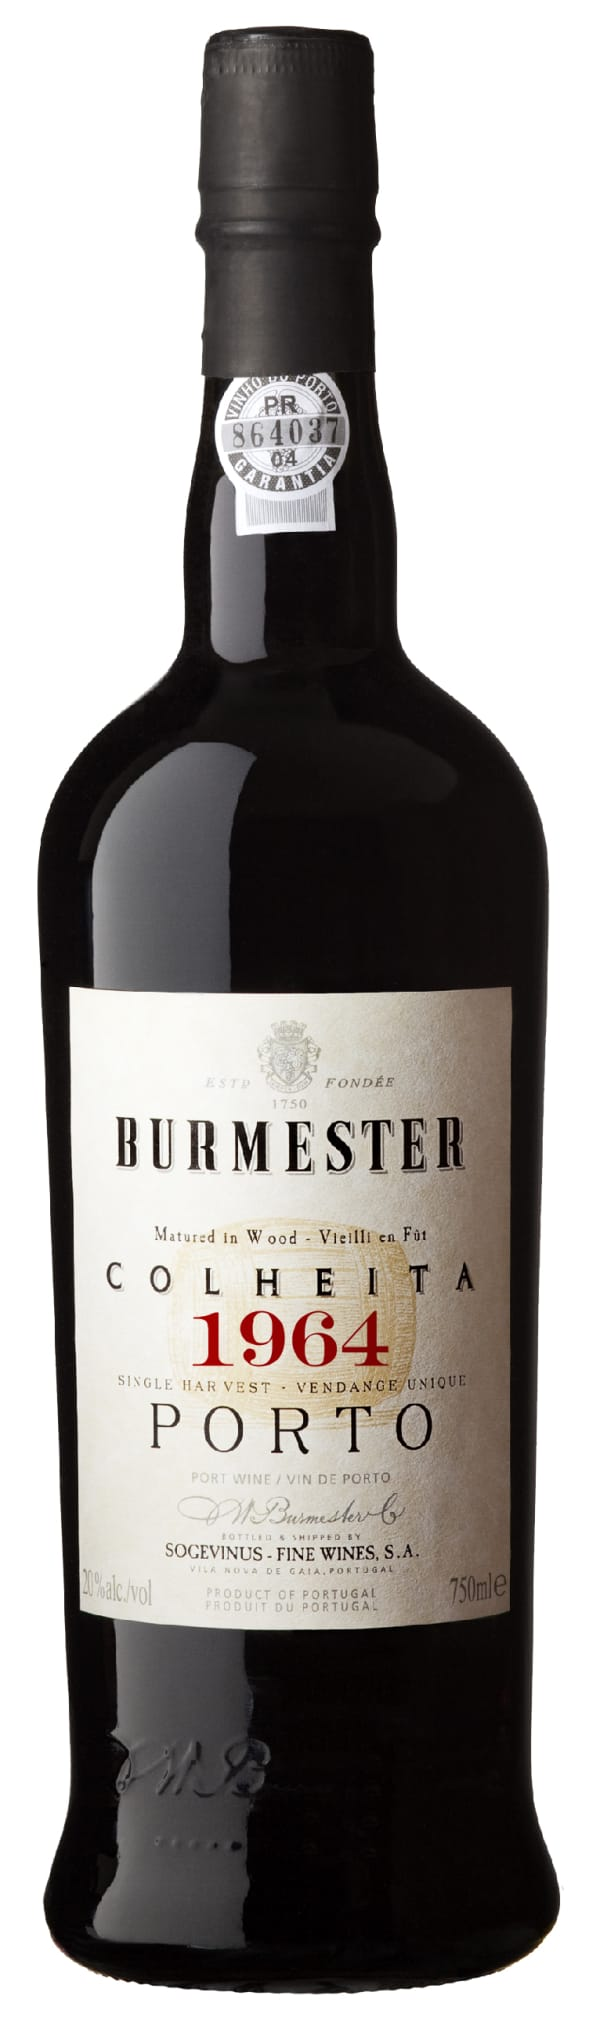 Burmester Colheita 1964